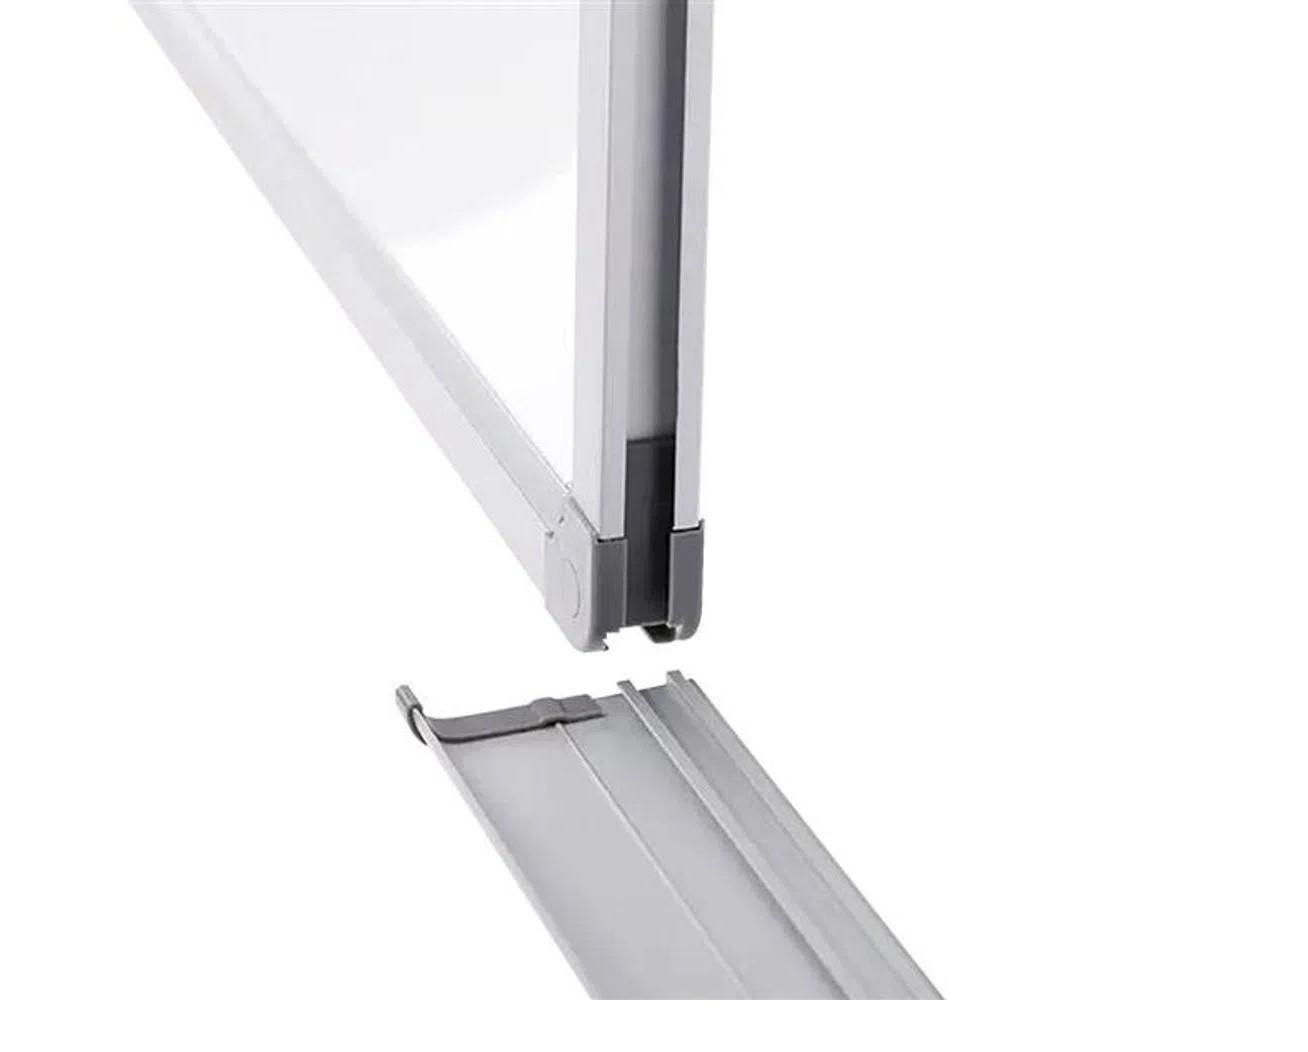 Quadro Branco Magnético 30x40 Moldura e porta apagador Alumínio Keep Qb003  - Mix Eletro